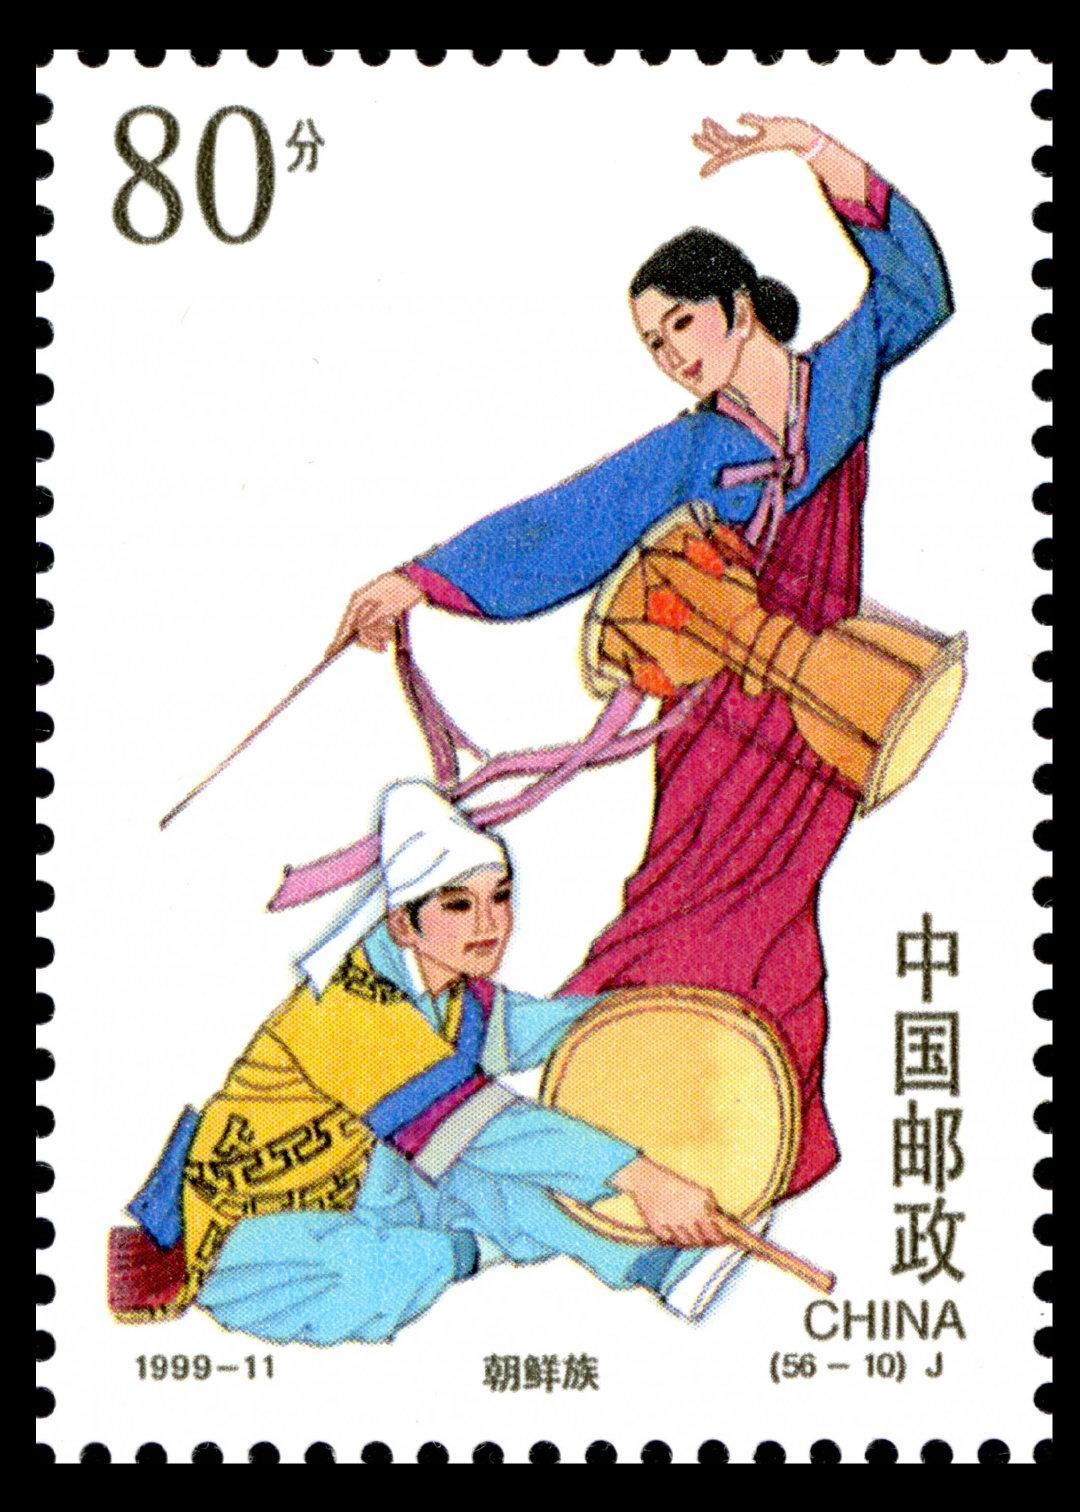 民族大团结(二)1999-11 共和国成立五十周年10朝鲜族、11满族、12